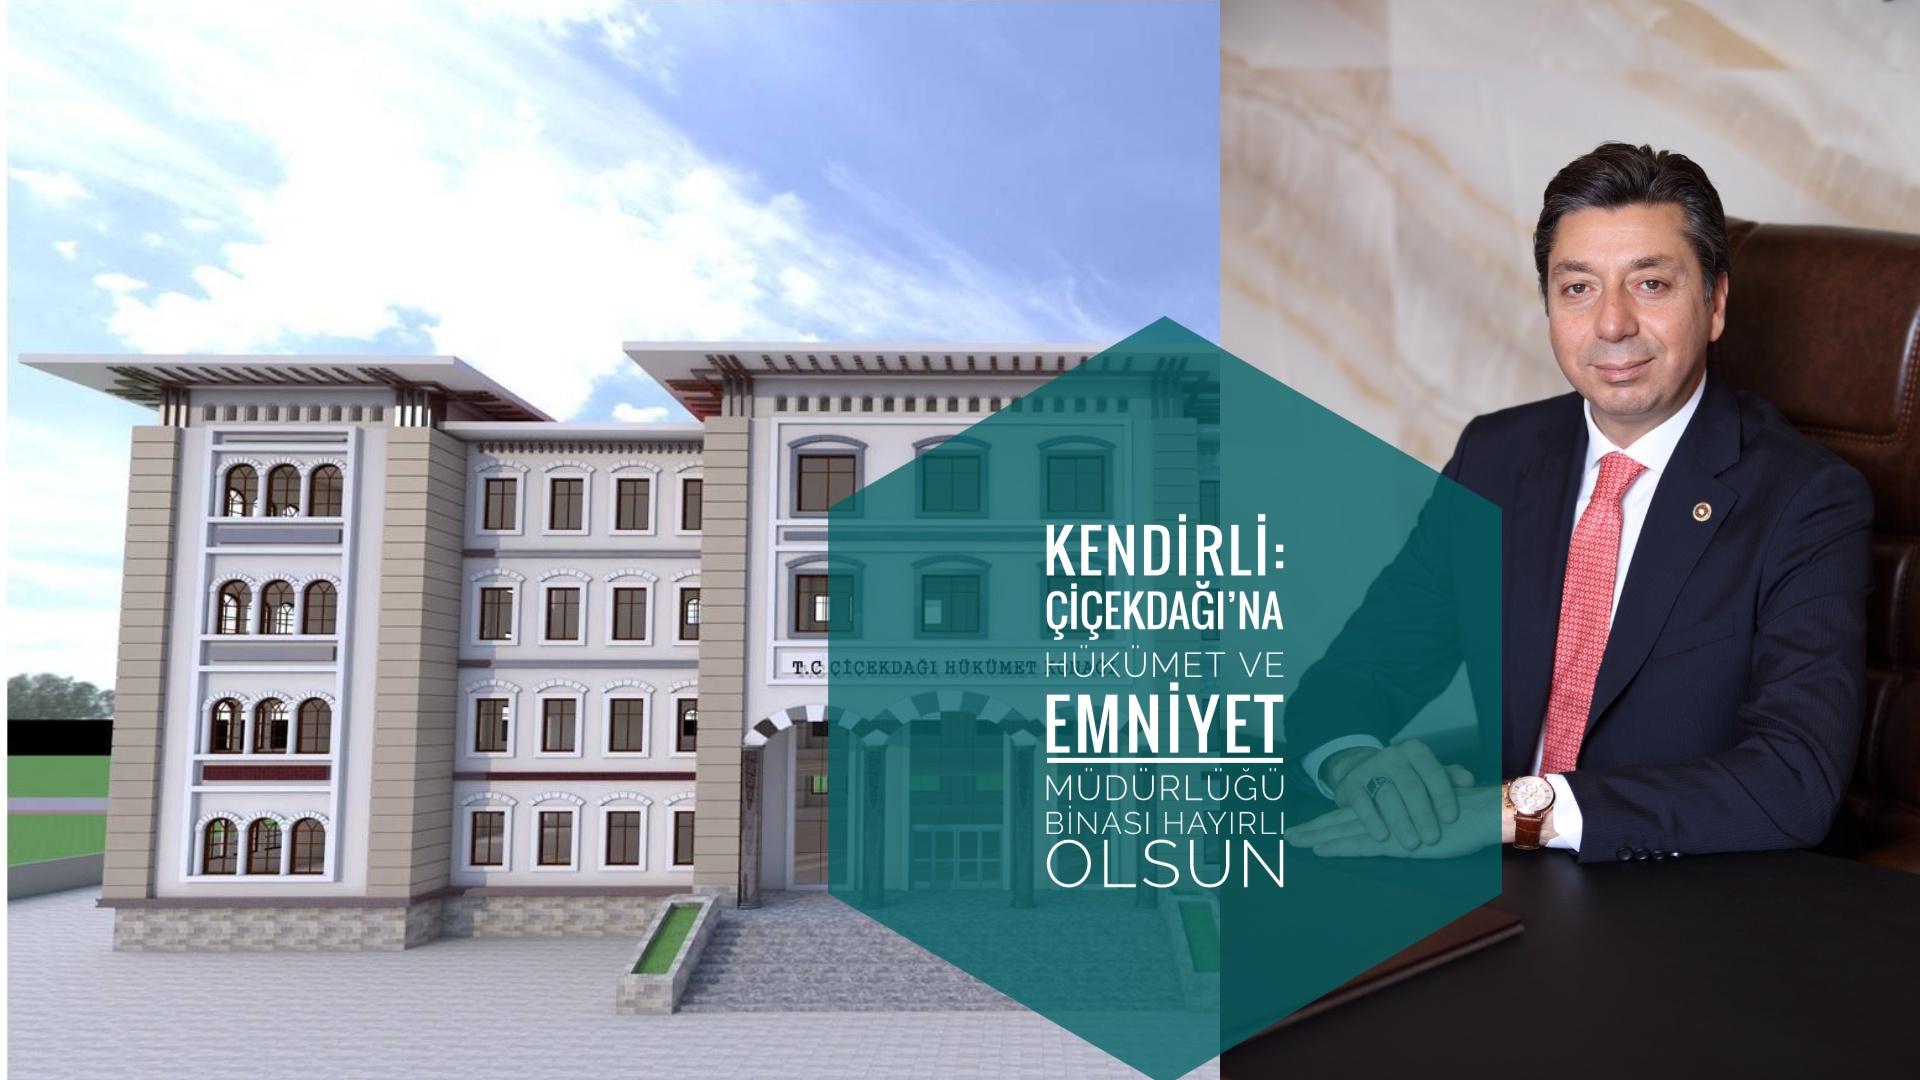 Milletvekili Kendirli'den Çiçekdağı'na yeni kamu binaları müjdesi